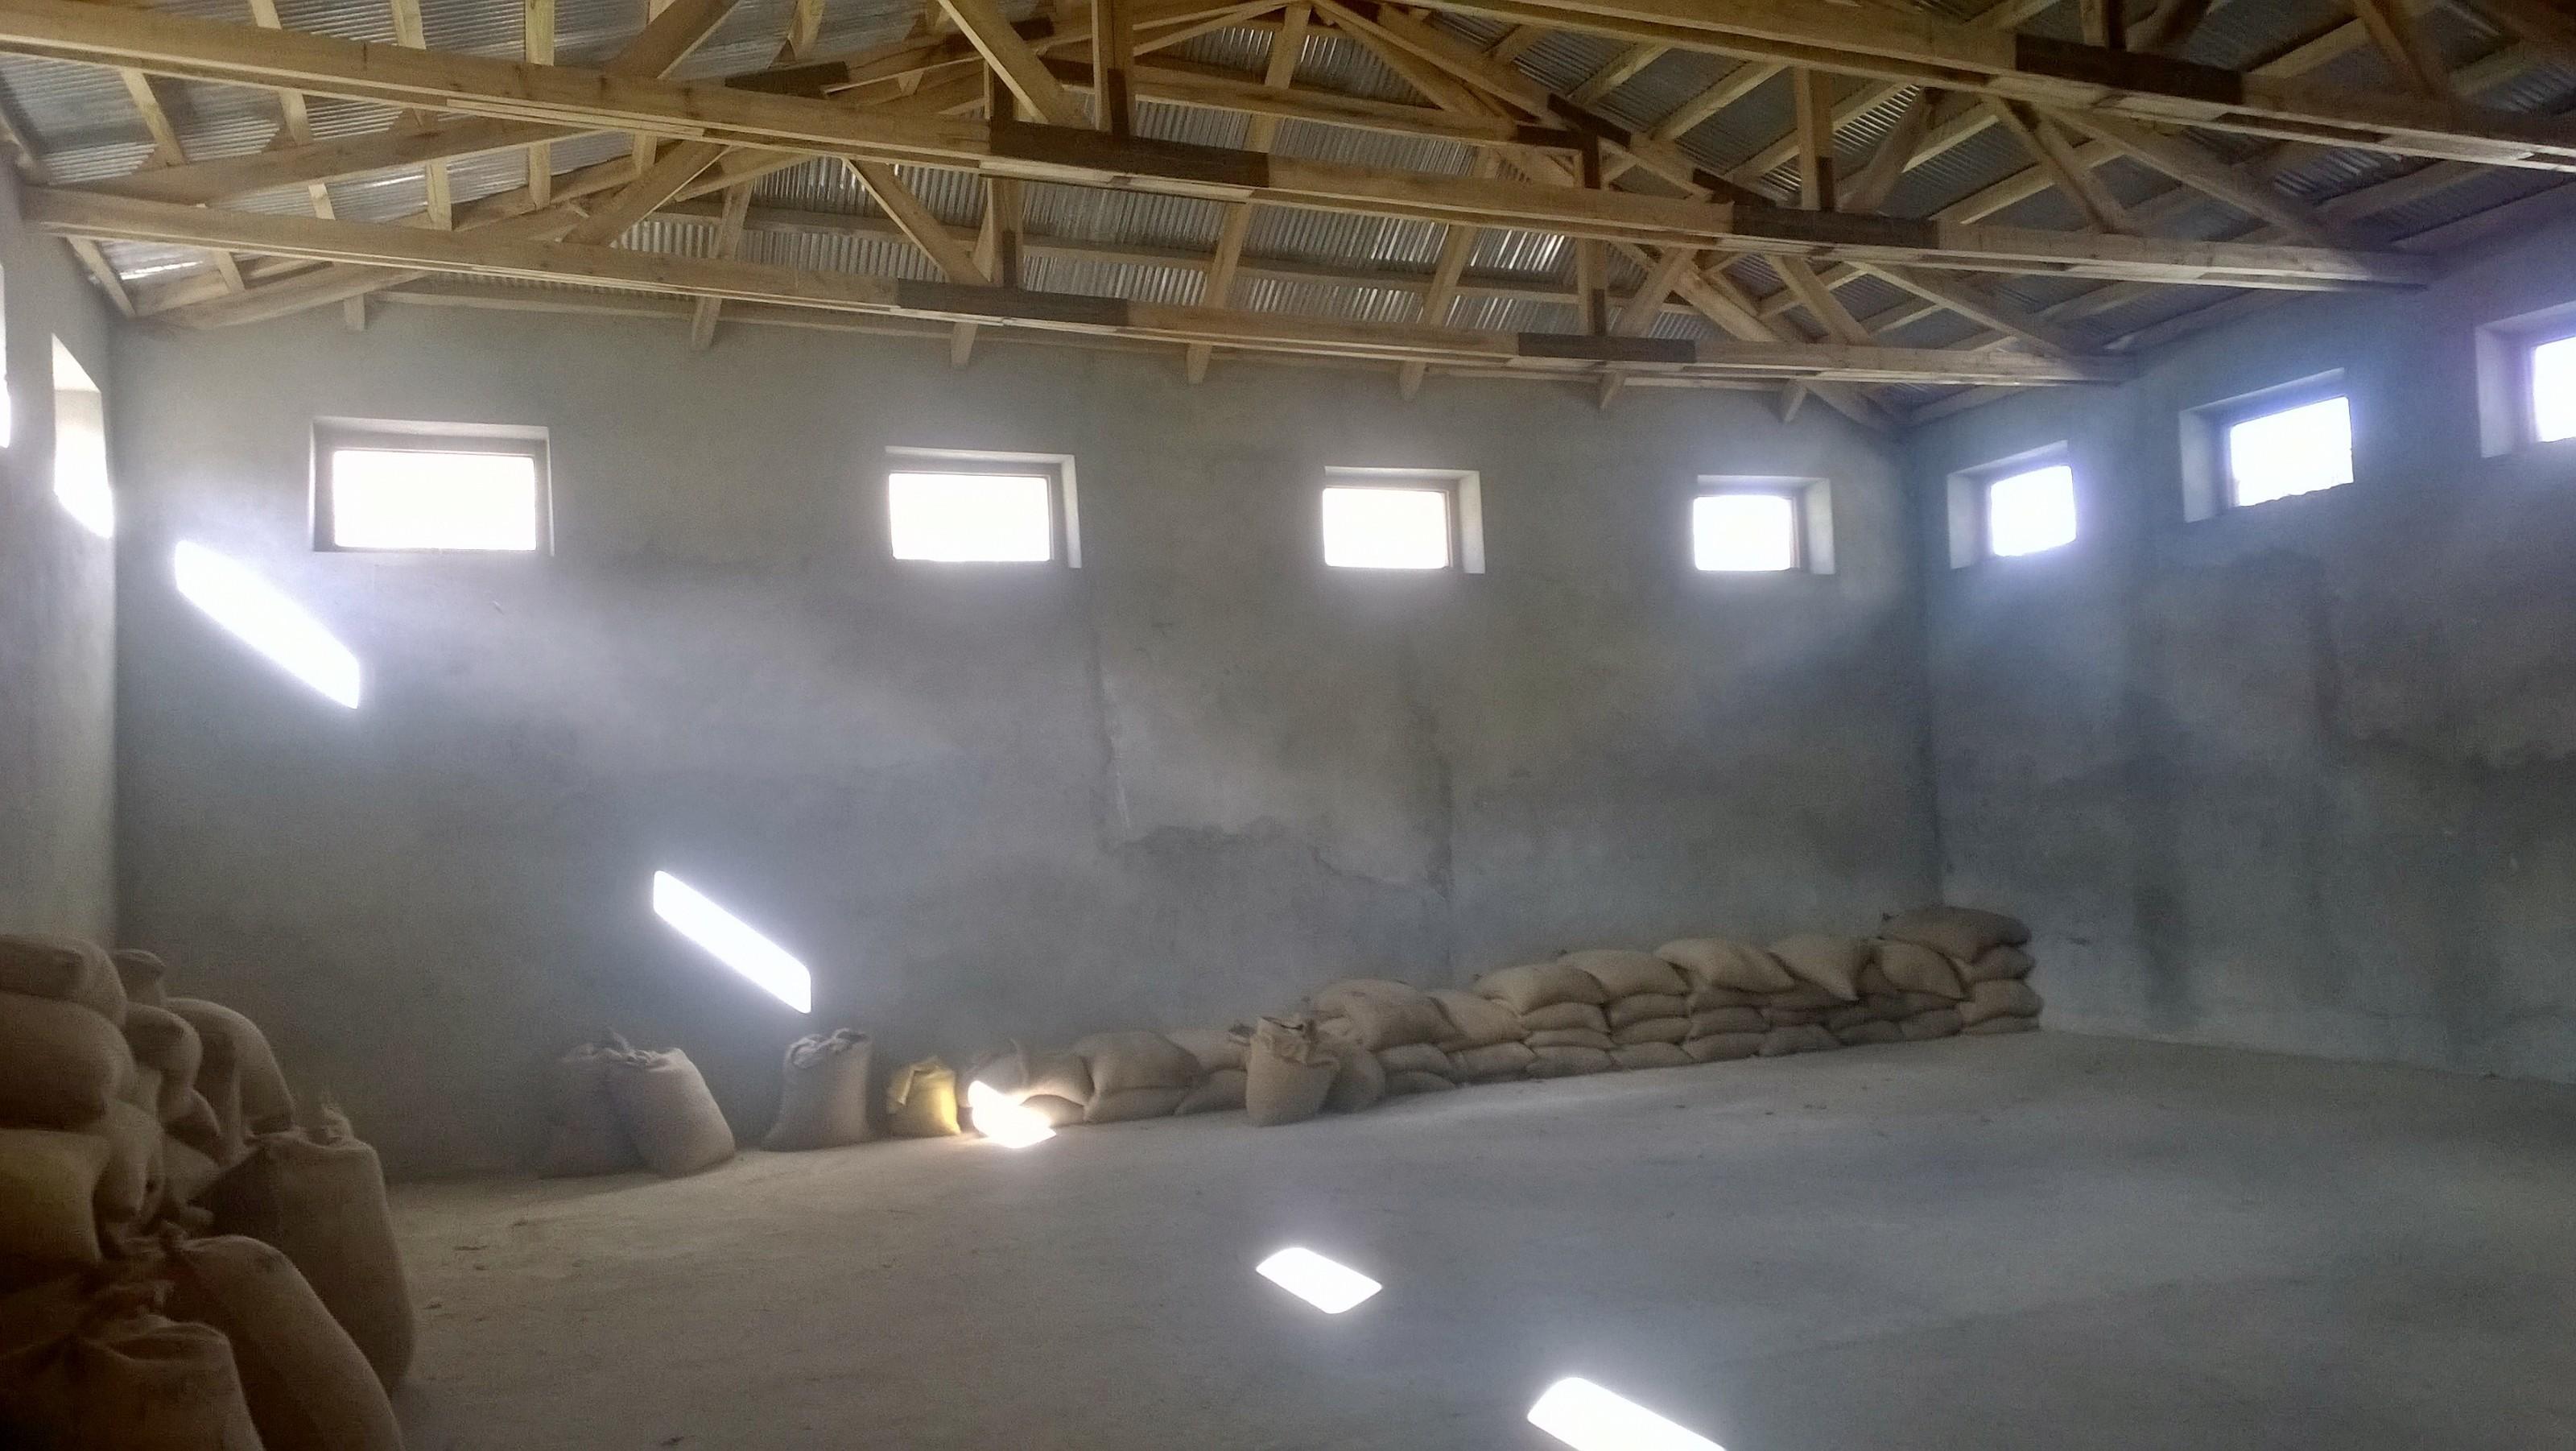 ضلع ہنزہ کے بالائی علاقہ چپورسن گوجال میں گندم کے ڈپو خالی ہو گئے،